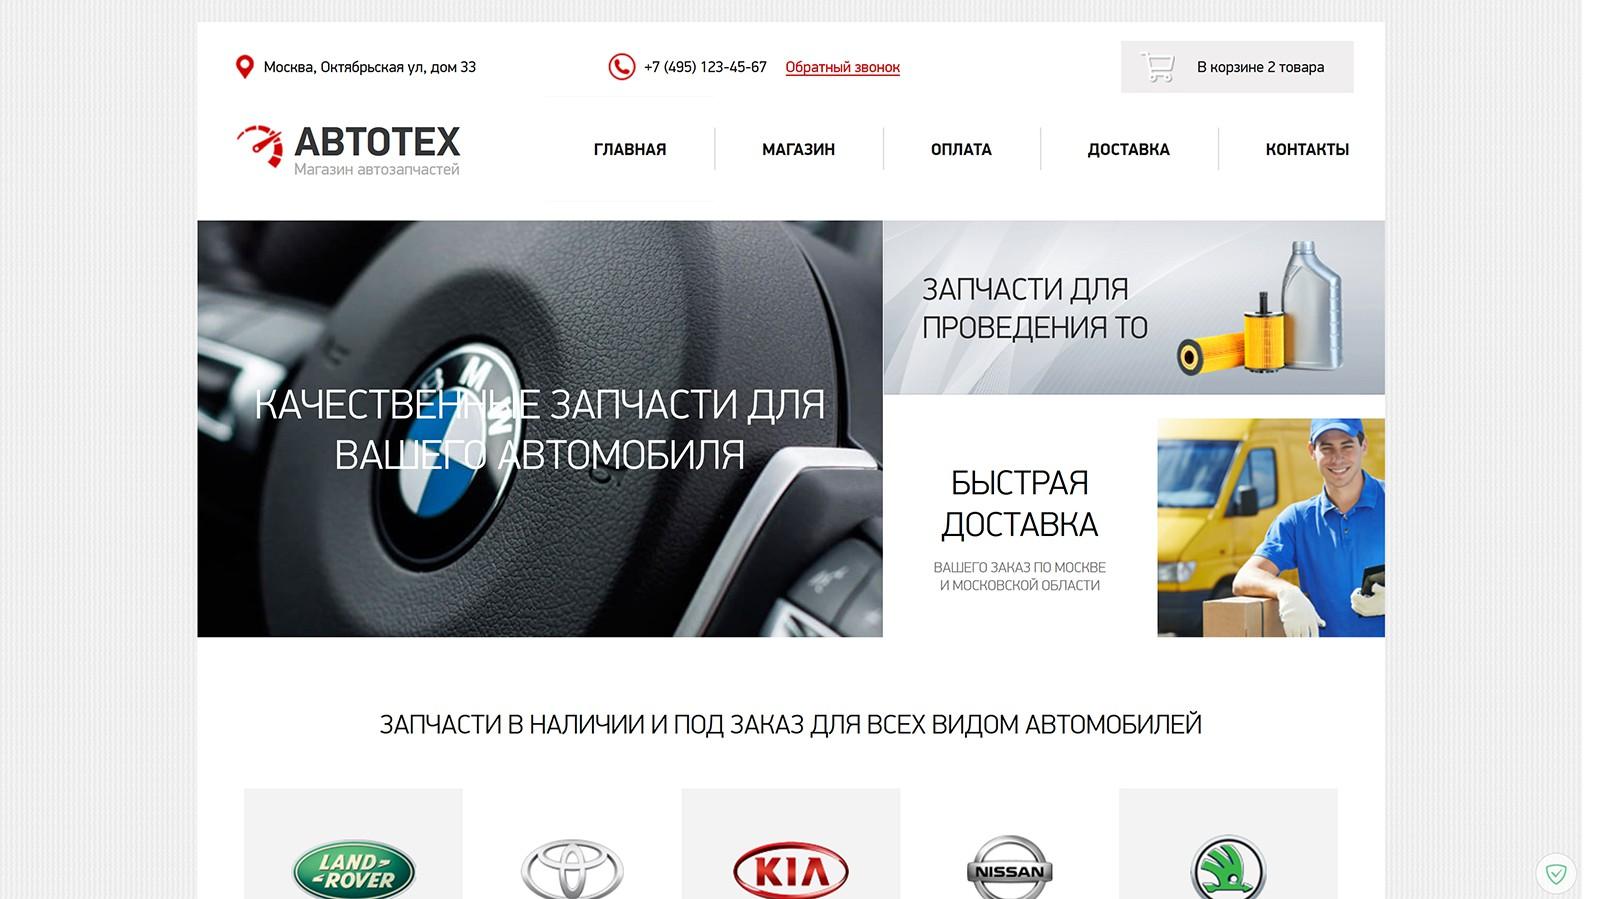 """""""Автотех"""" — интернет-магазин автозапчастей"""